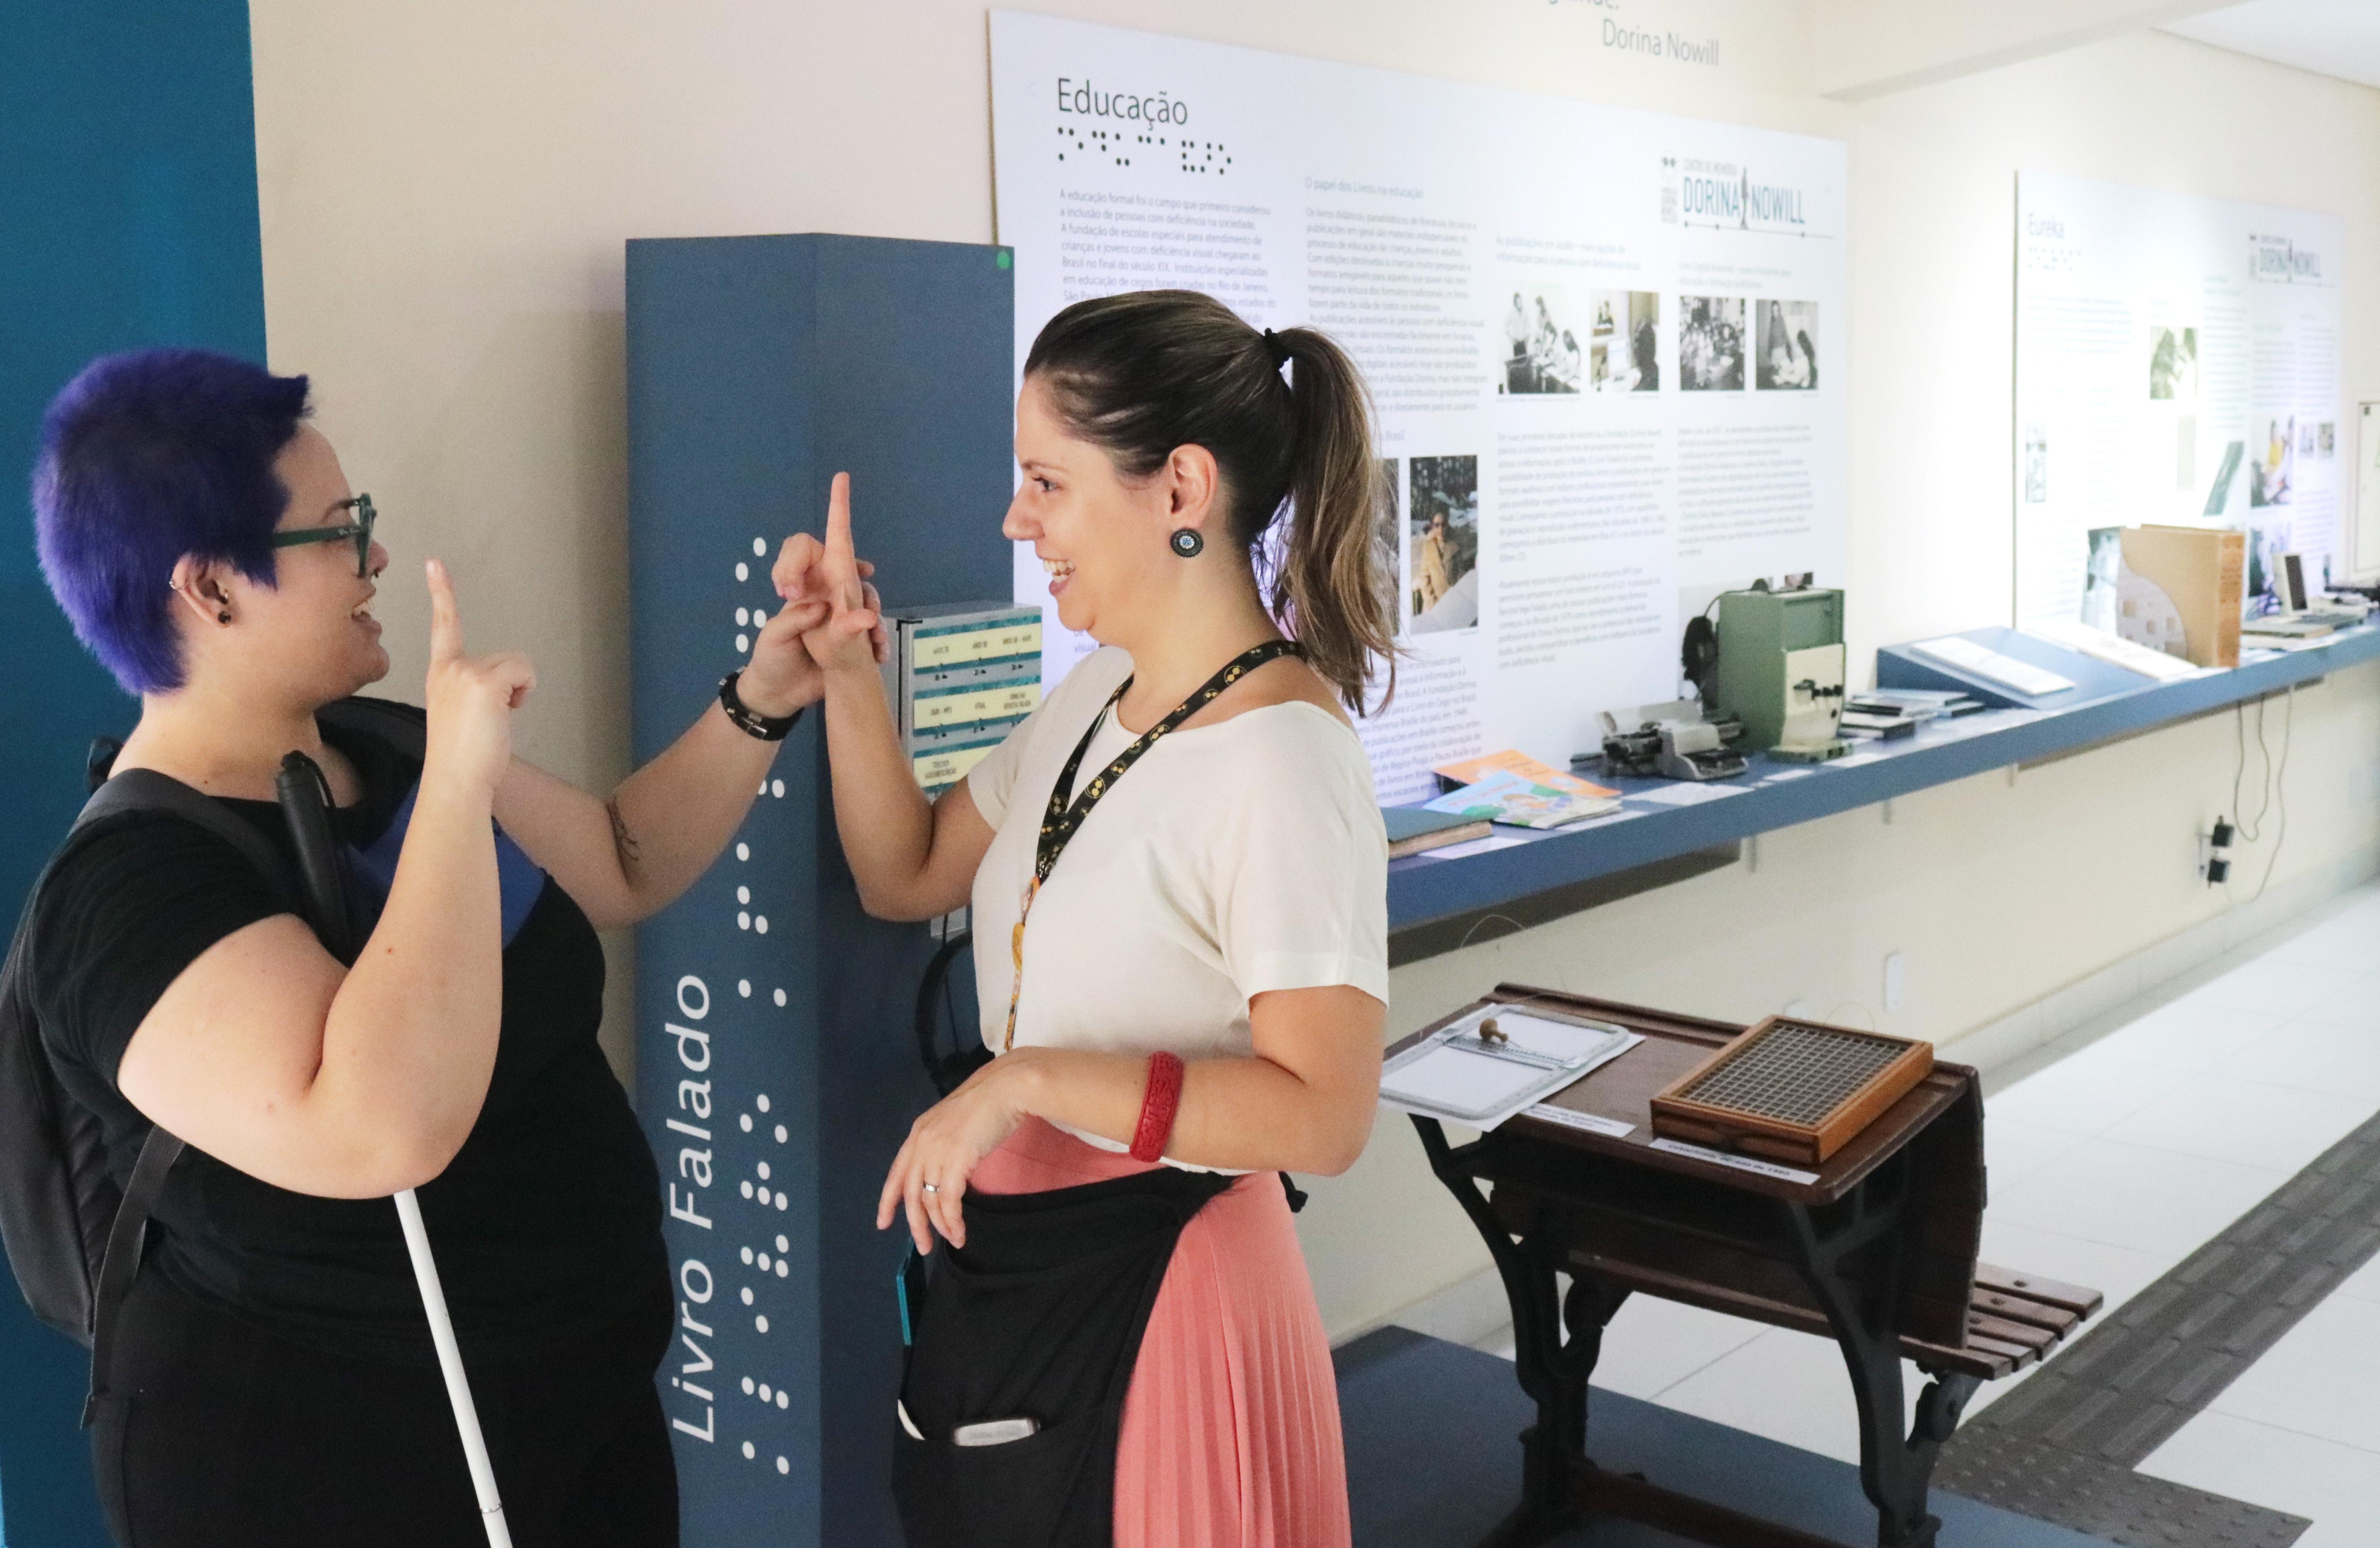 Foto de atendimento no Centro de Memória Dorina Nowill. Silvia, educadora do Centro de Memória, está conversando em libras com uma visitante e, ao fundo, aparecem algumas peças da exposição.